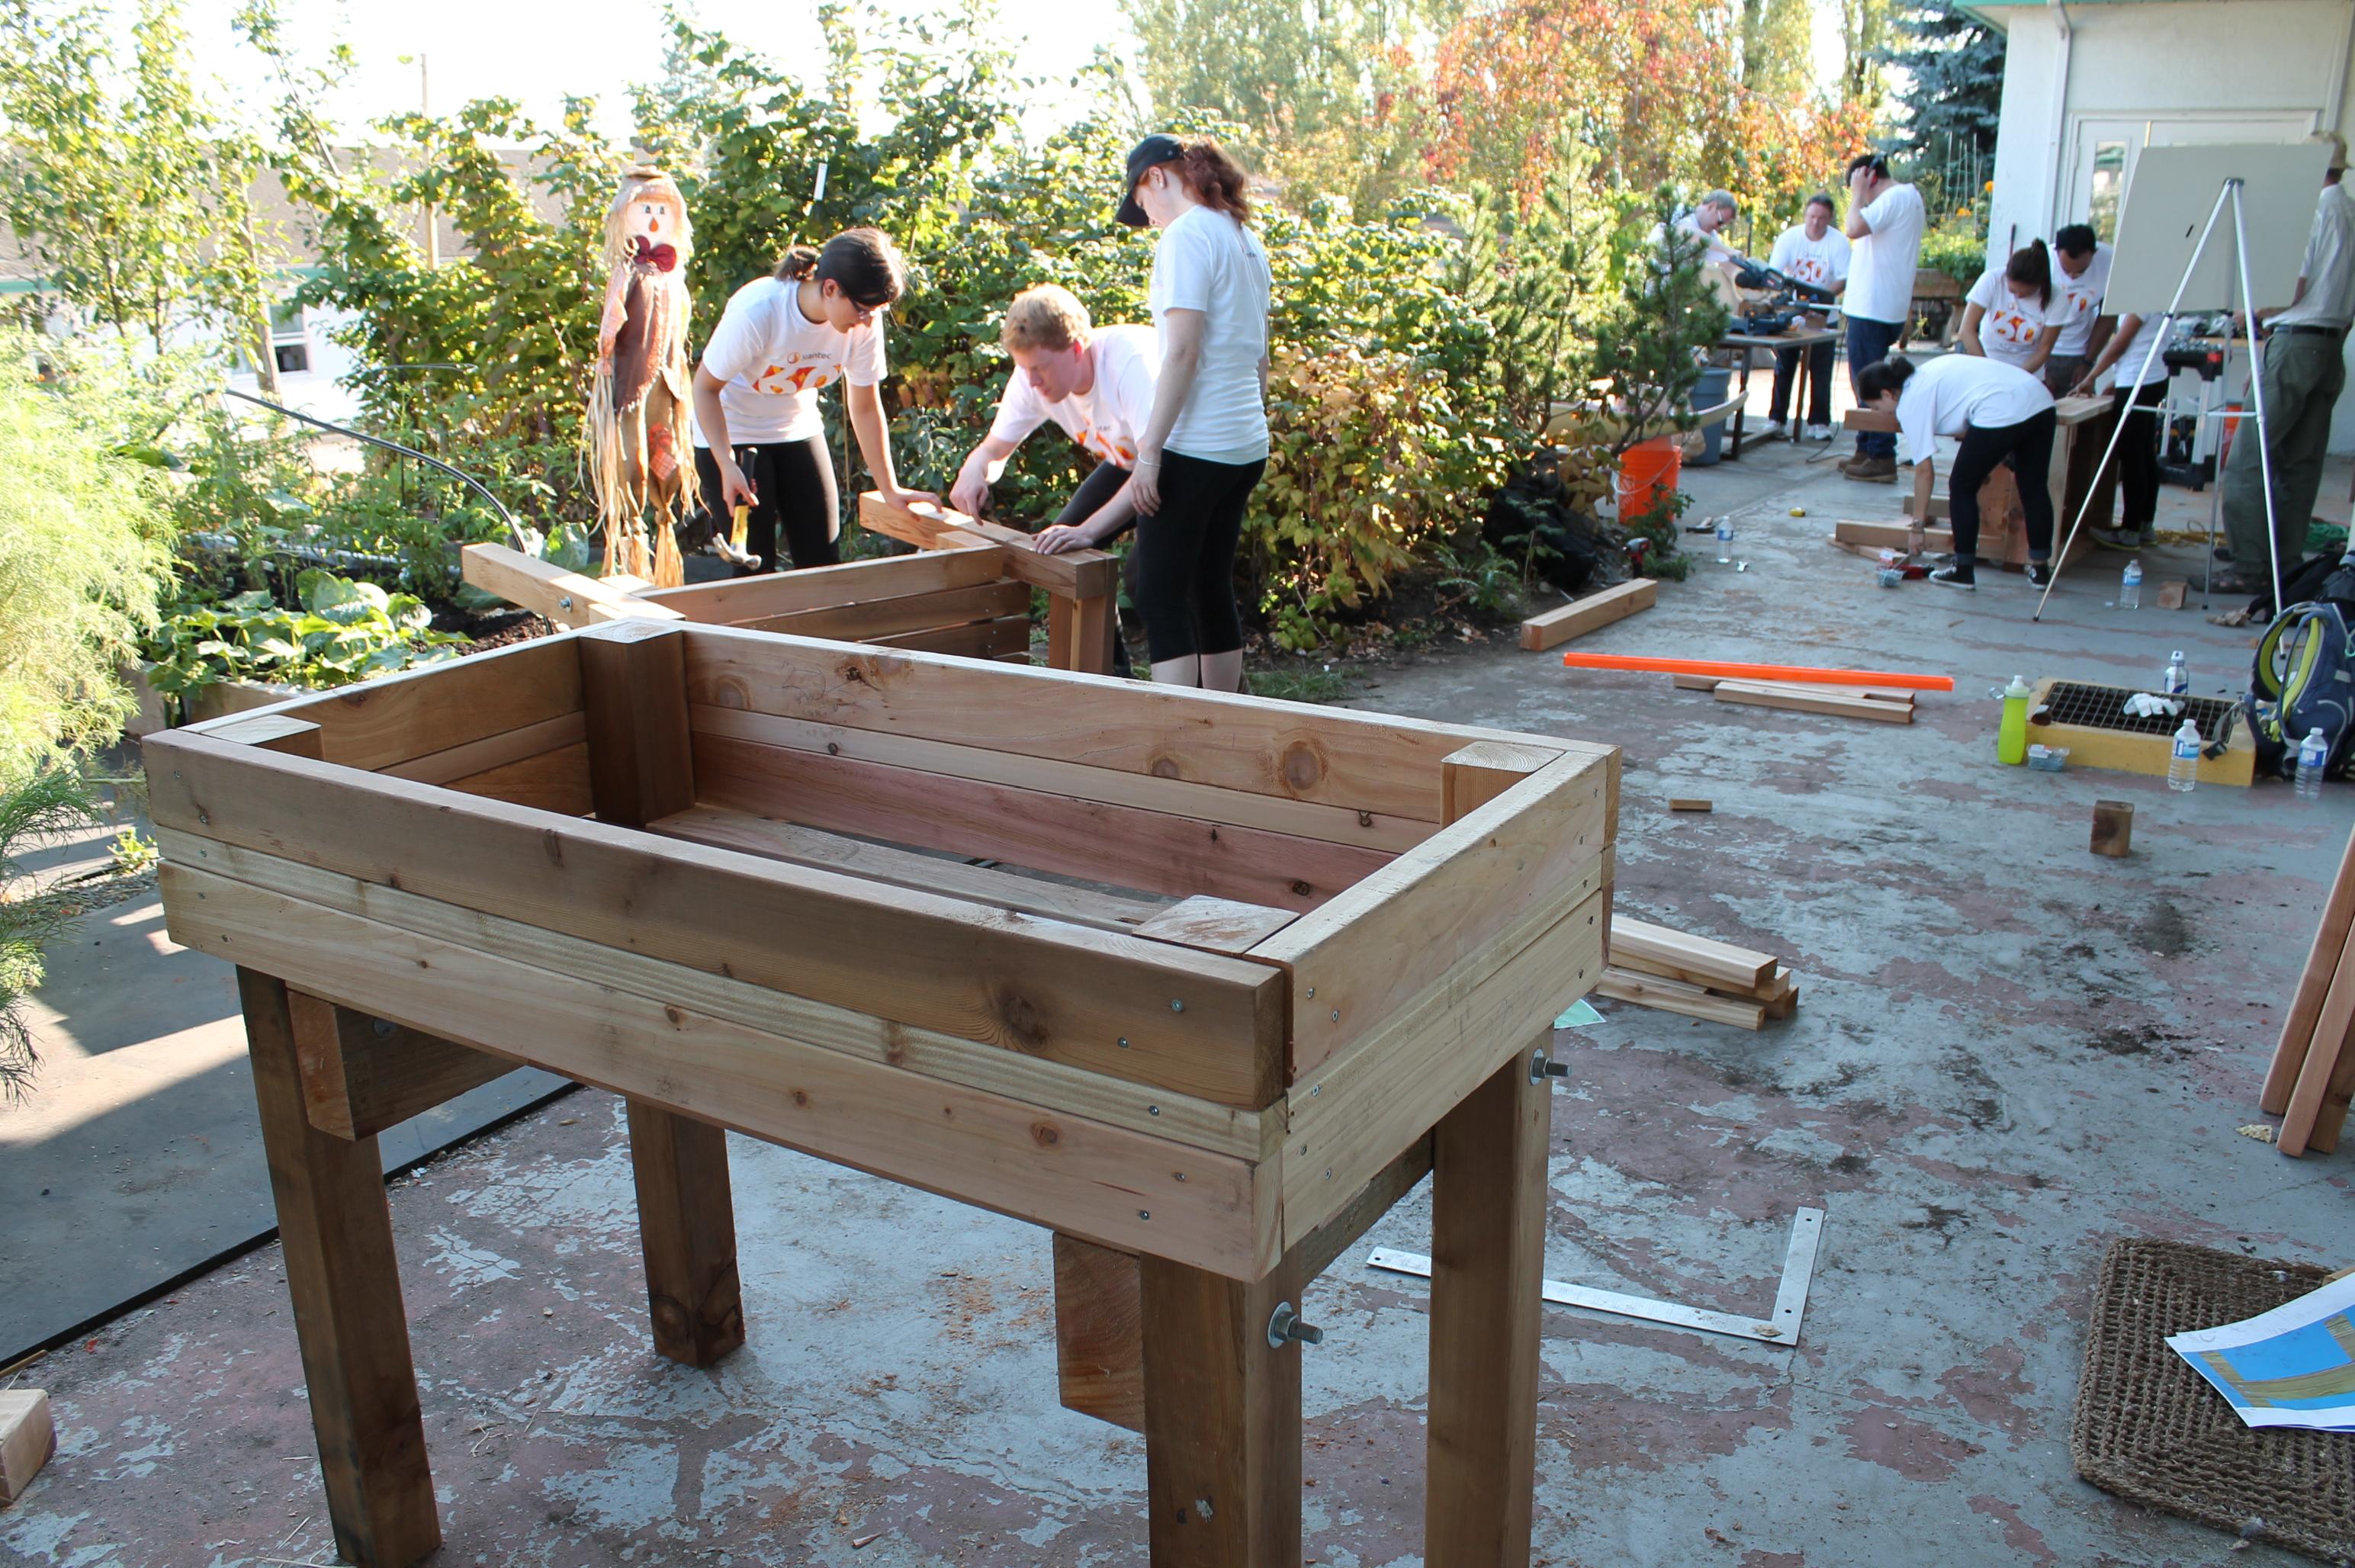 Stantec employees building tabletop garden beds